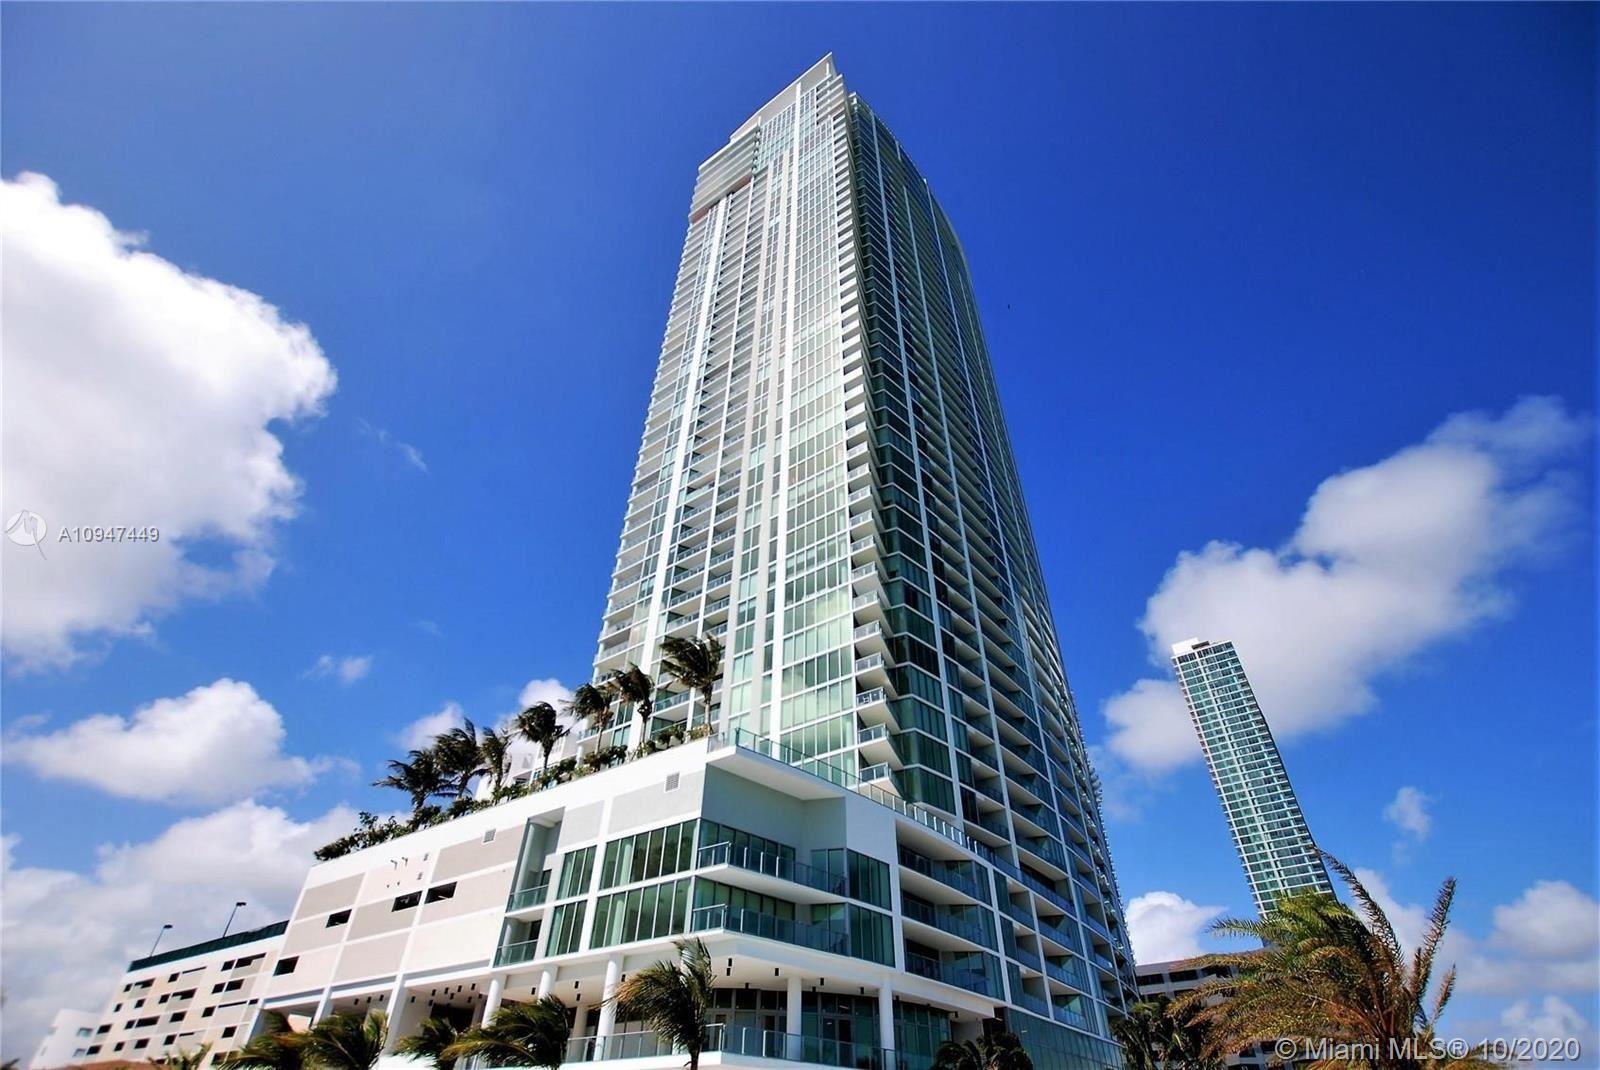 2900 NE 7th Ave #702, Miami, FL 33137 - #: A10947449